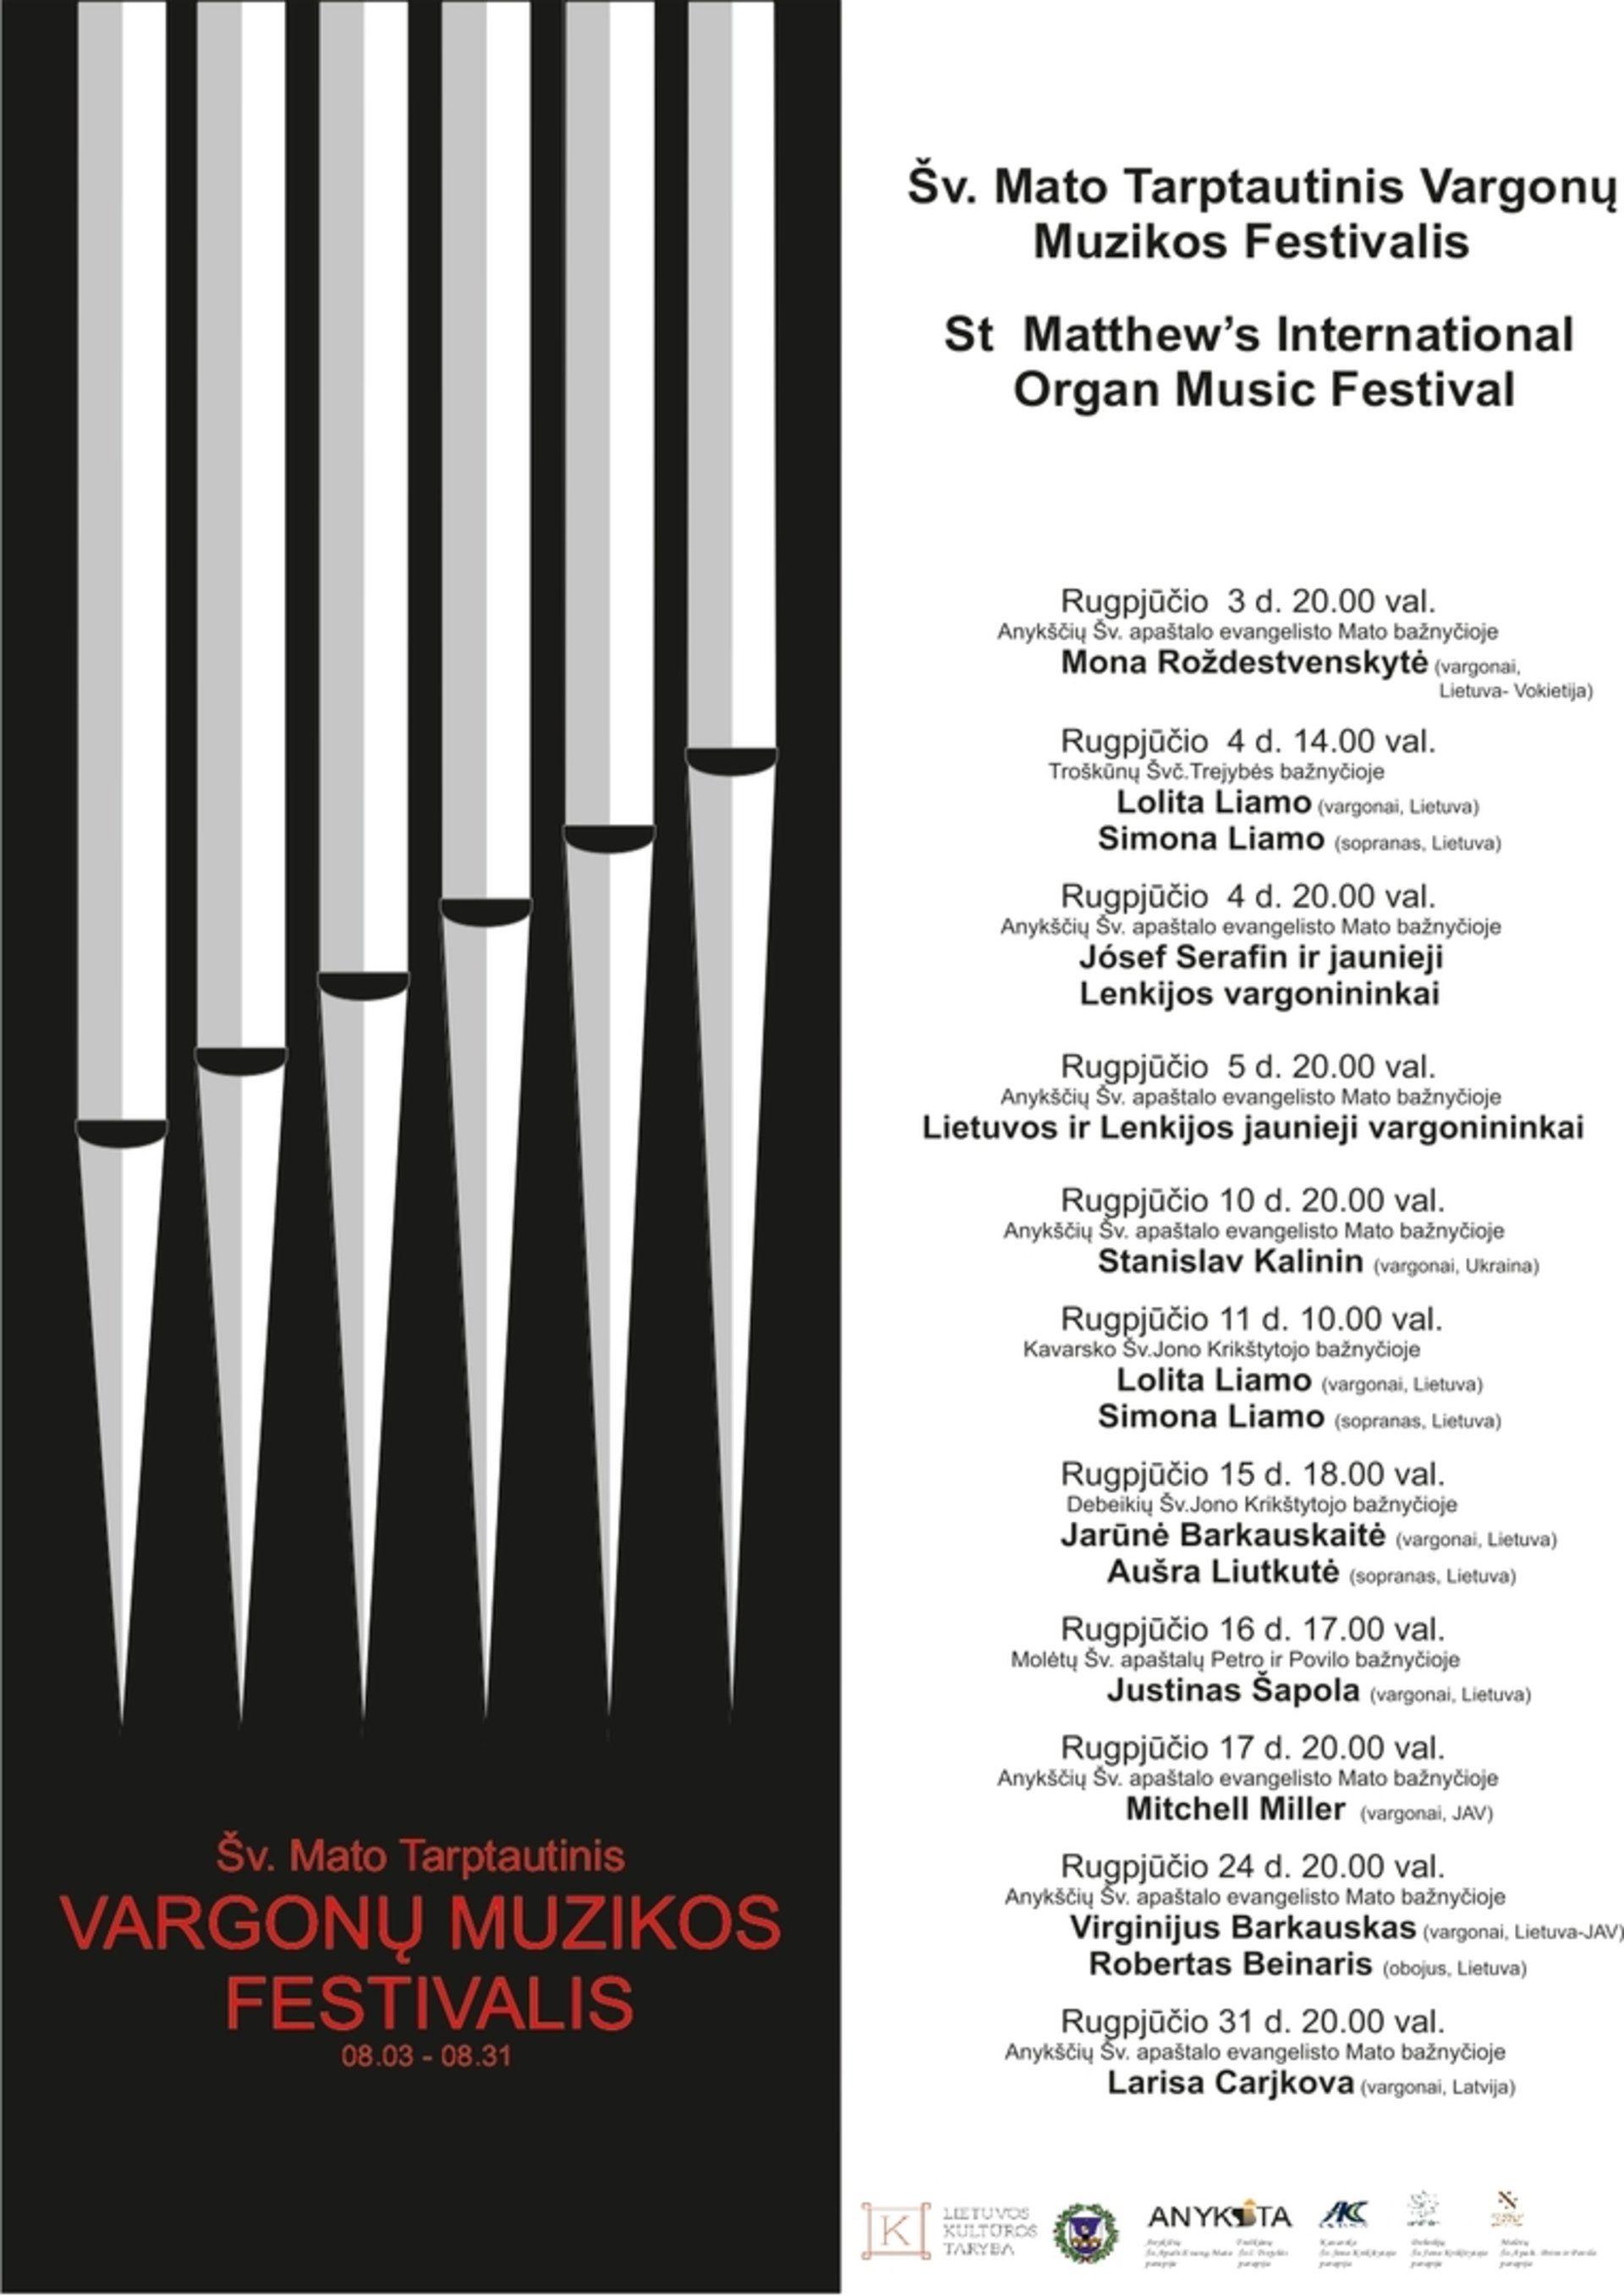 Šv. Mato tarptautinis vargonų muzikos festivalis (2019) / Koncertuoja Simona Liamo (sopranas) ir Lolita Liamo (vargonai)